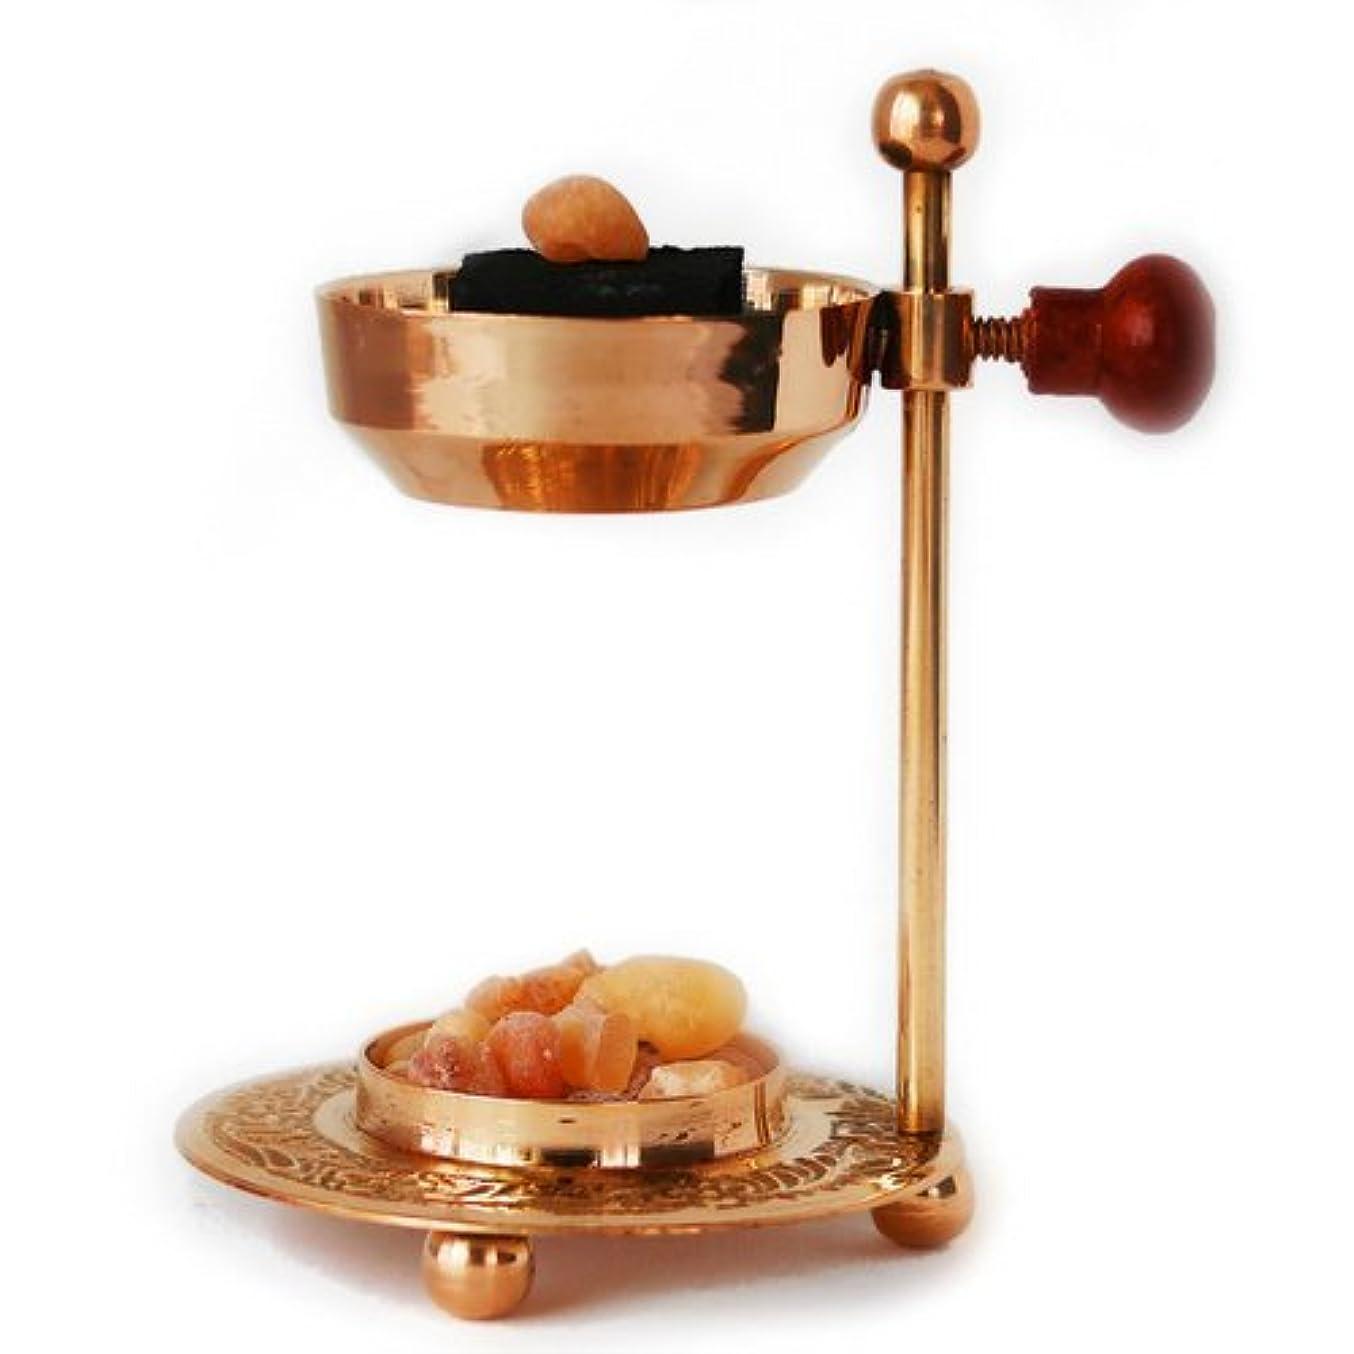 わな靴下高層ビルHandmade Adjustable Brass/Gold Incense and Frankincense Resin Burner/Censer holder for Charcoal and Candles. Ideal...